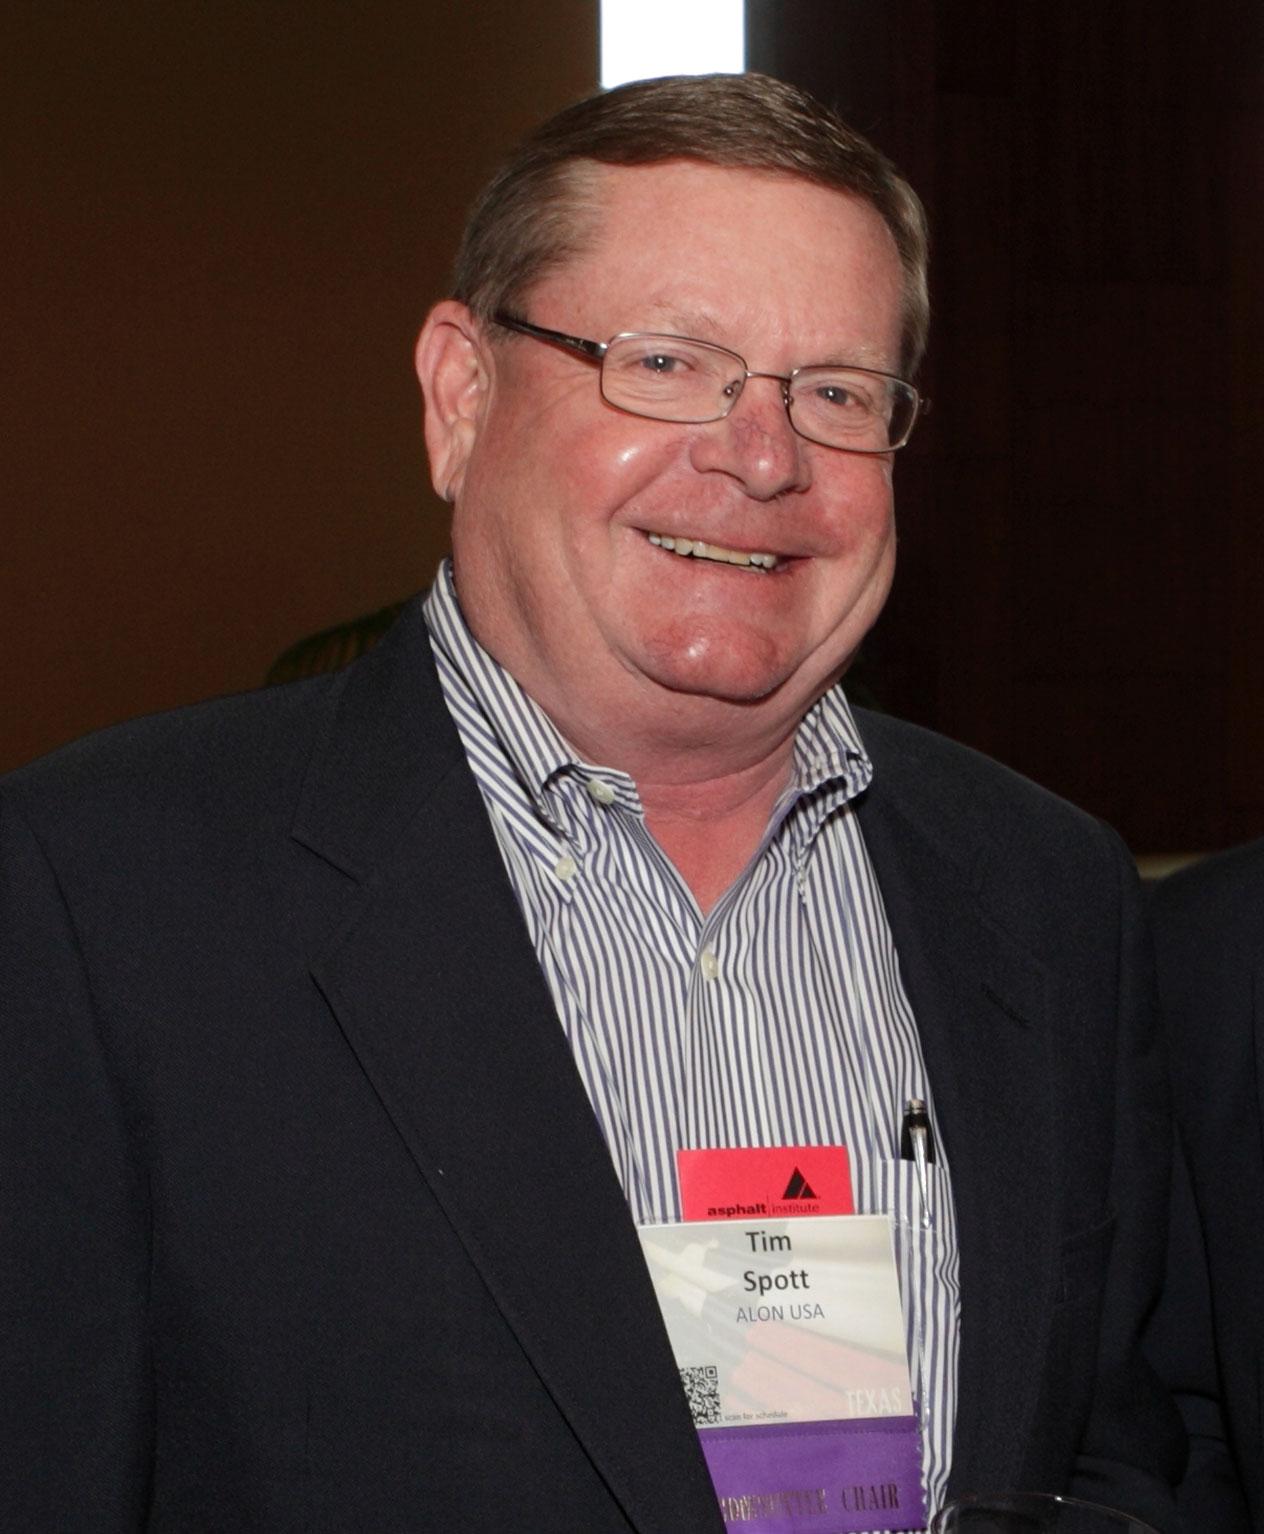 Emeritus - Tim Spott